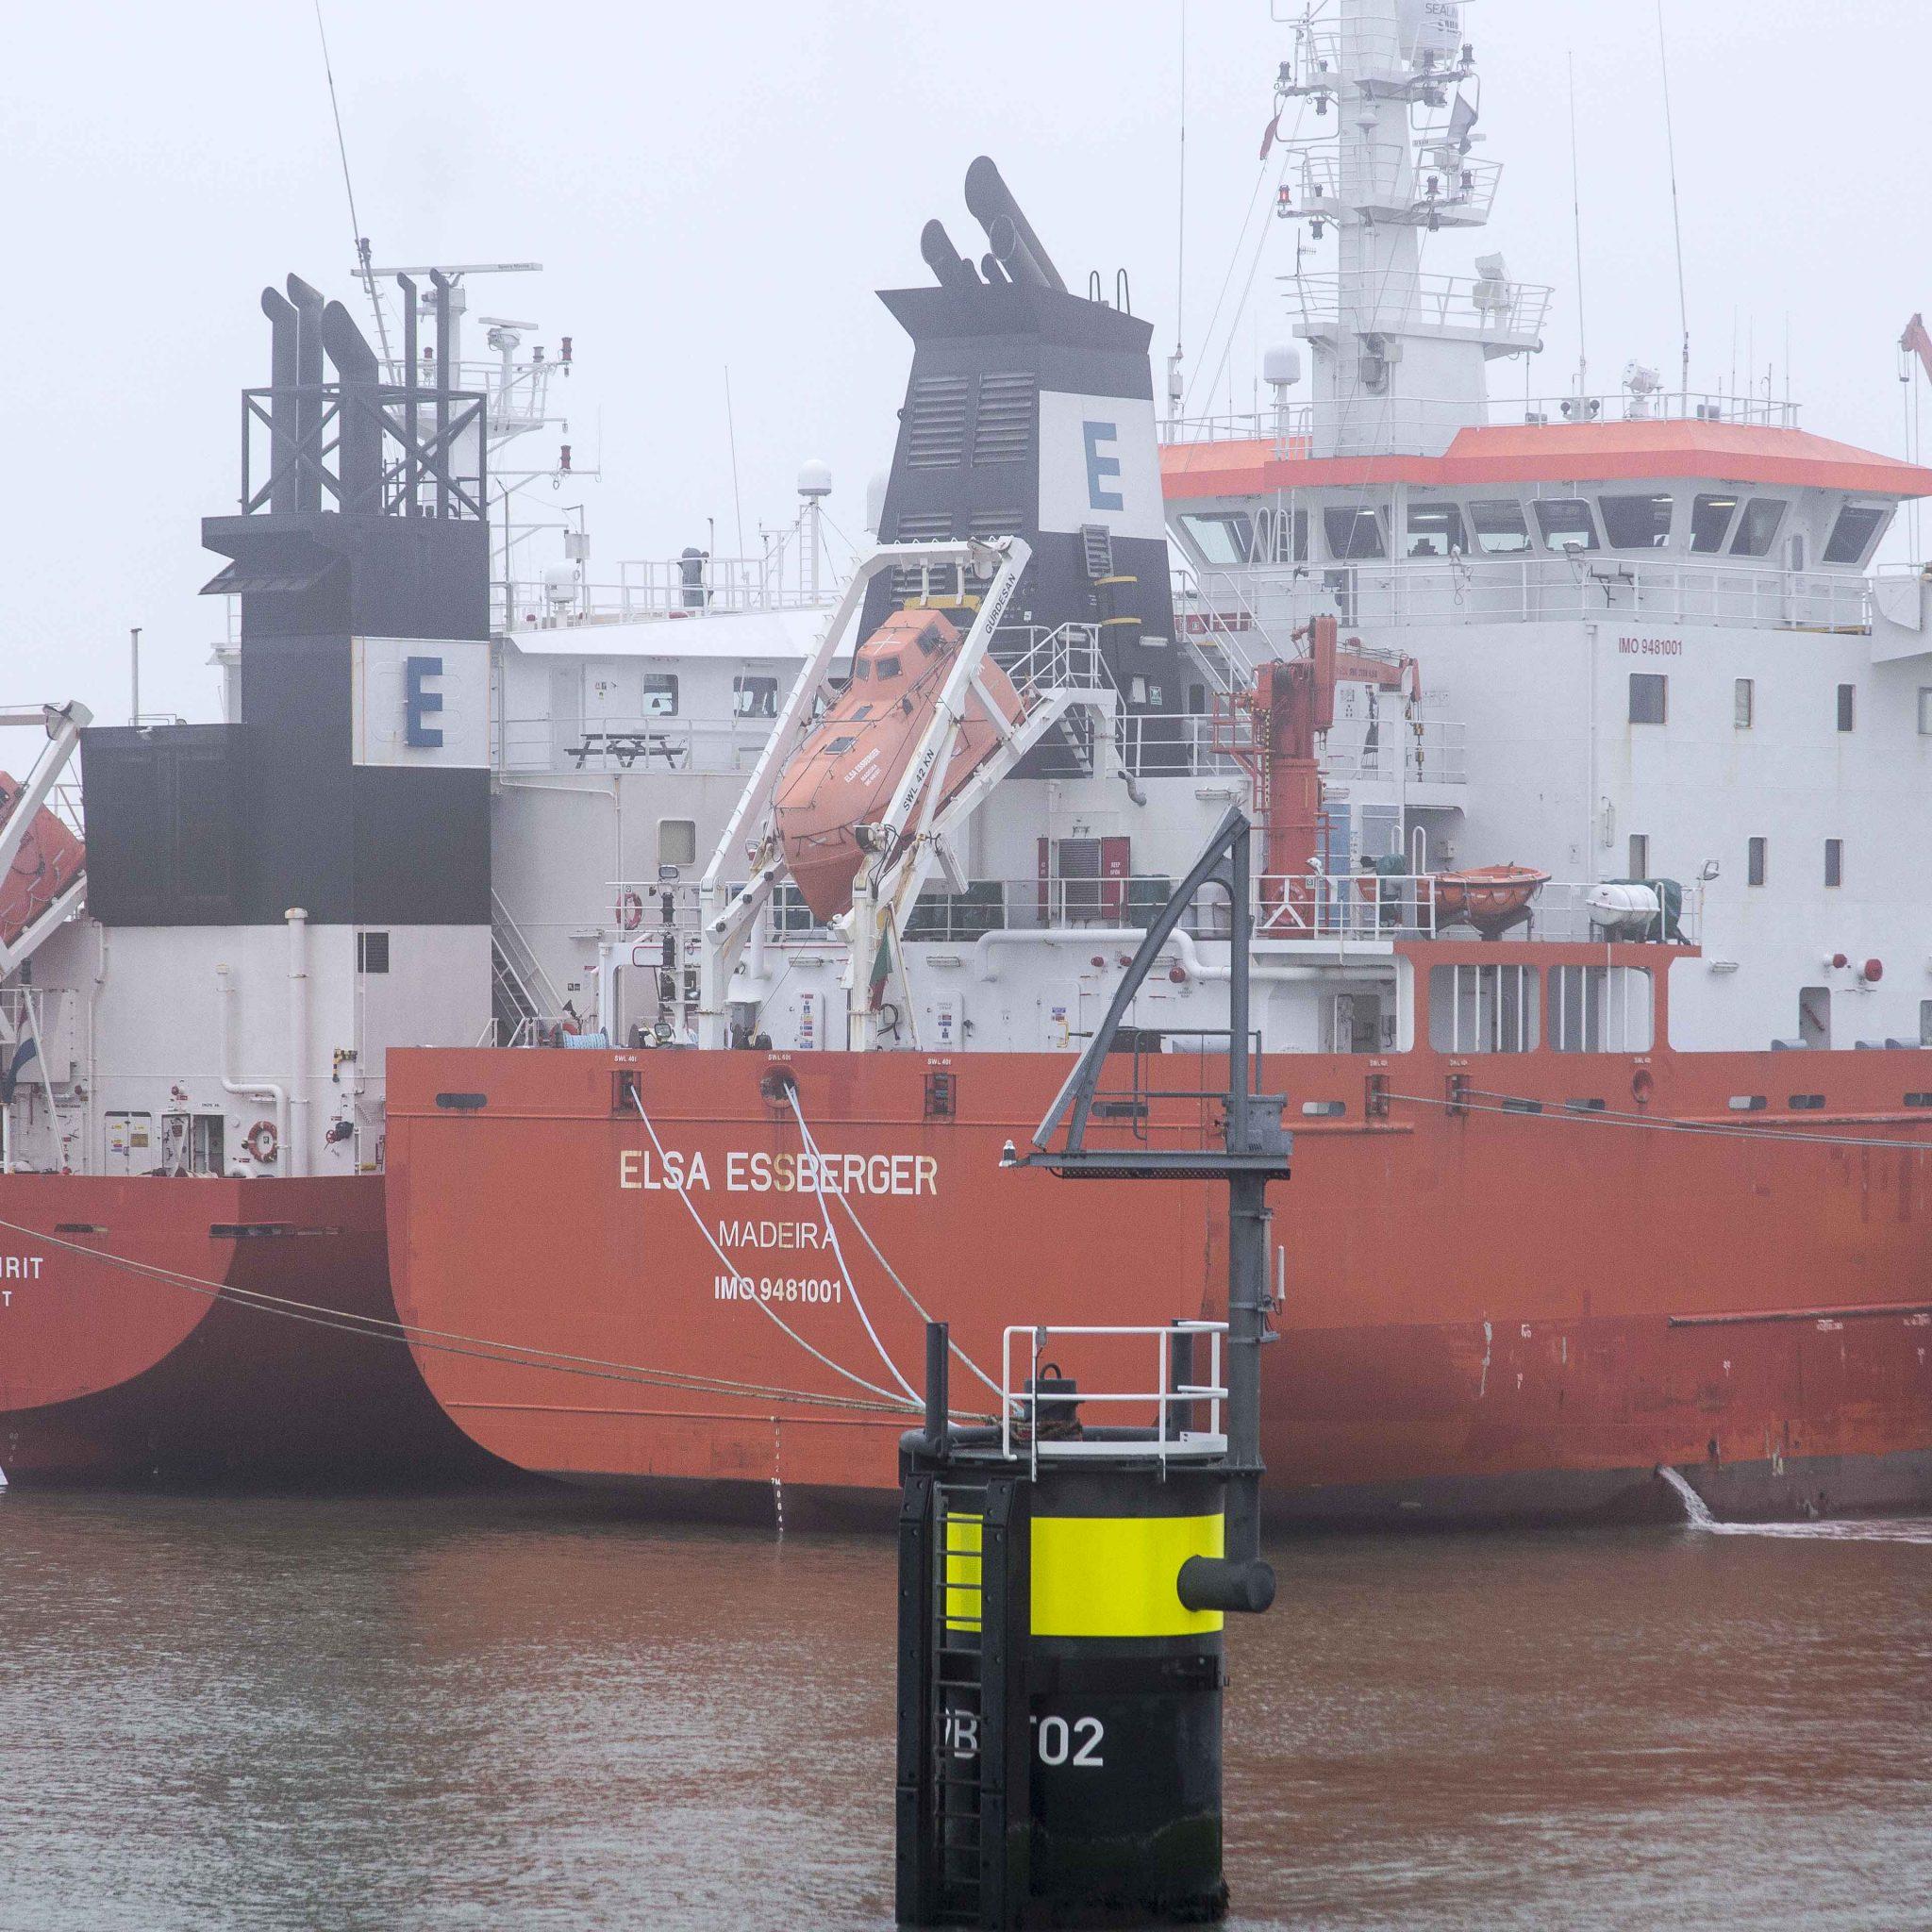 Zonder de drie schepen bestaat de vloot van Essberger nog uit 31 schepen. (Foto Essberger)